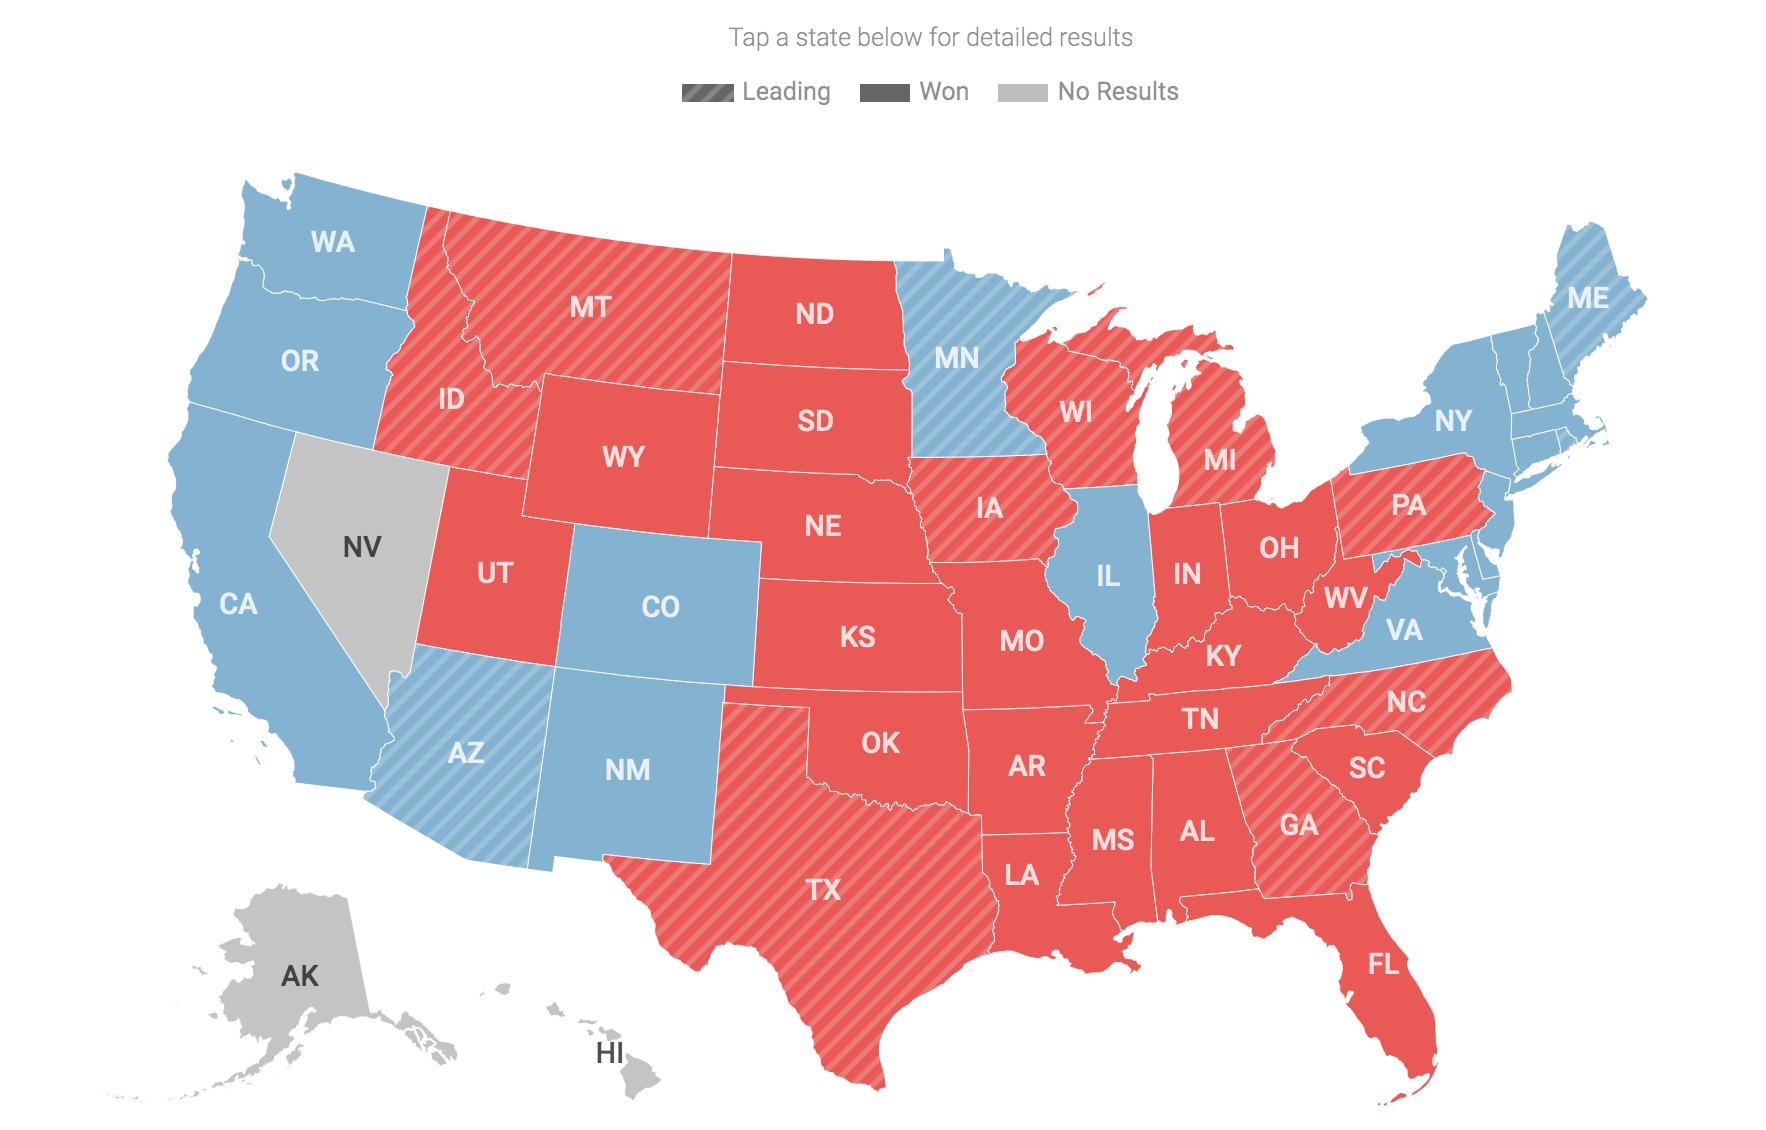 截至美東時間晚上23點50分,在參議院35個席位的爭奪中,已經決出三分之二席位,其中共和黨贏得14席,民主黨拿下9席。還有12席待決。(大紀元圖片)